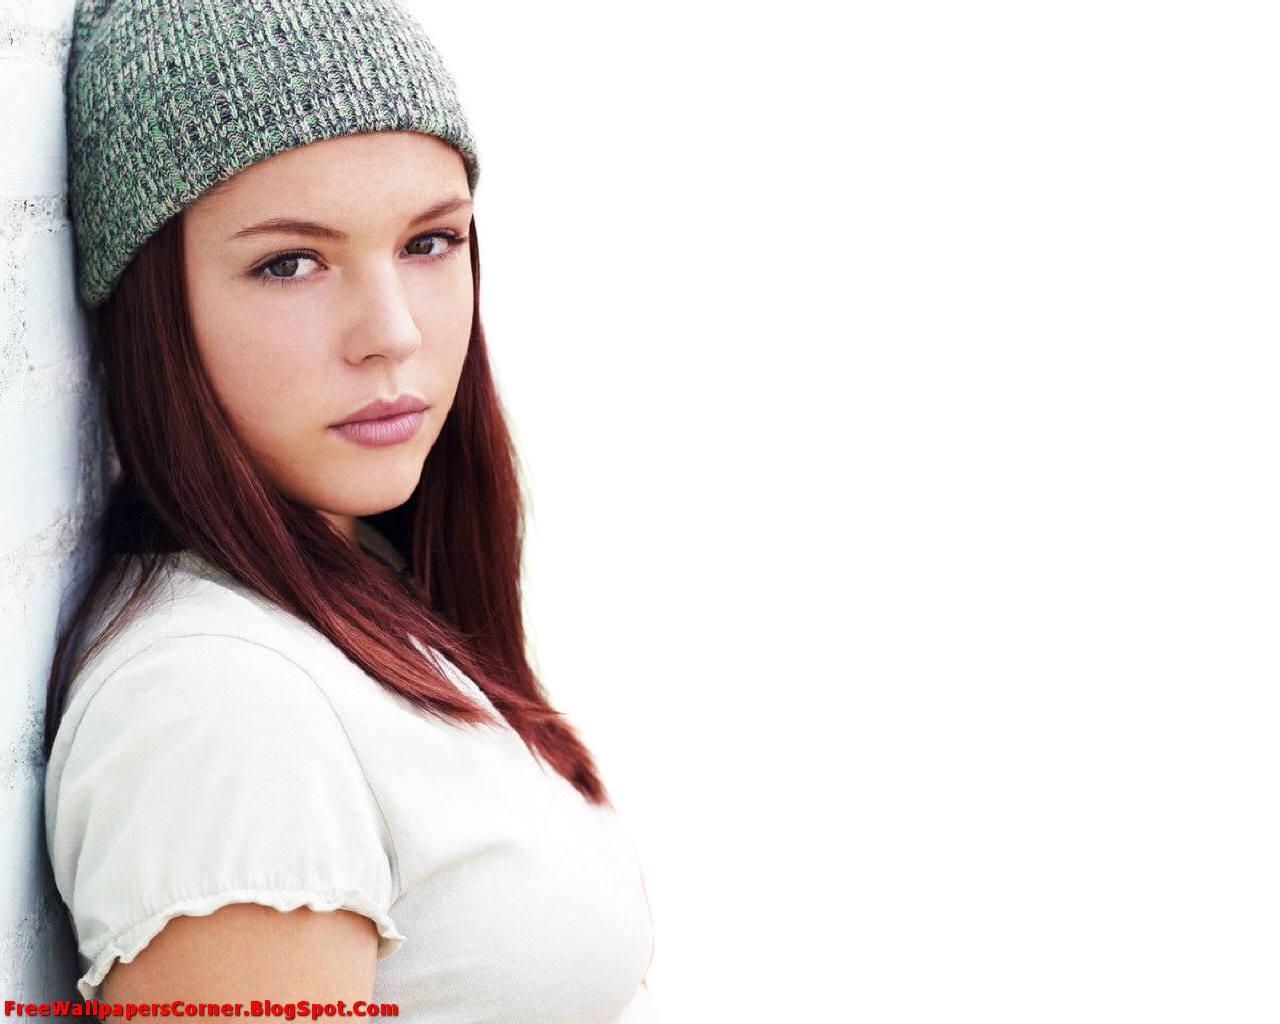 http://4.bp.blogspot.com/-yToo6C0el8s/TV0FG_rlFVI/AAAAAAAAARg/df-O3xggwZs/s1600/Agnes-Bruckner-%2528FreeWallpapersCorner.Blogspot.Com%2529-3.jpg